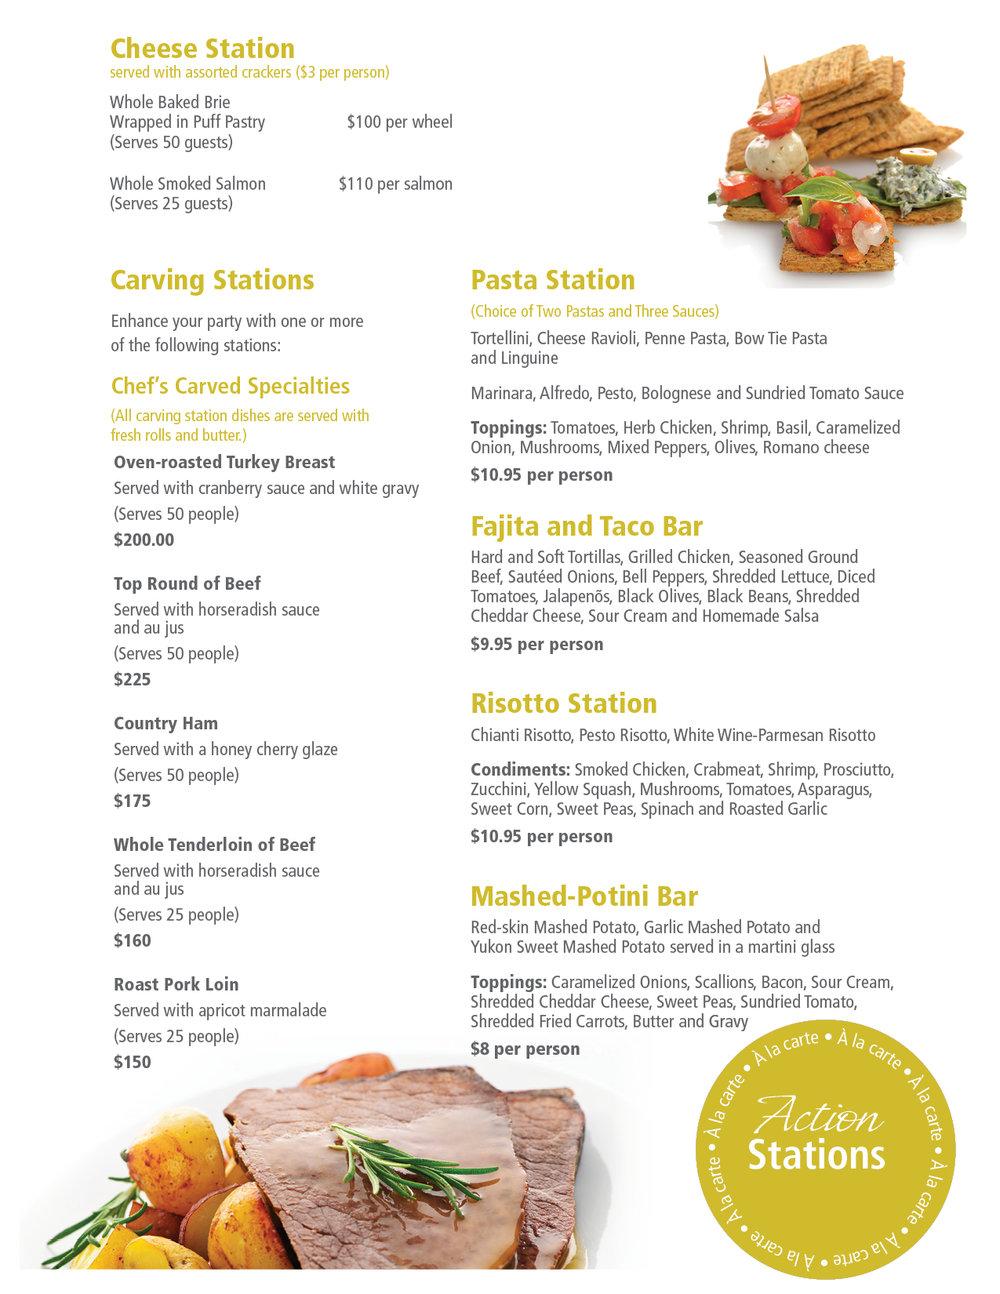 Sausalito_Catering_2017-update6.jpg